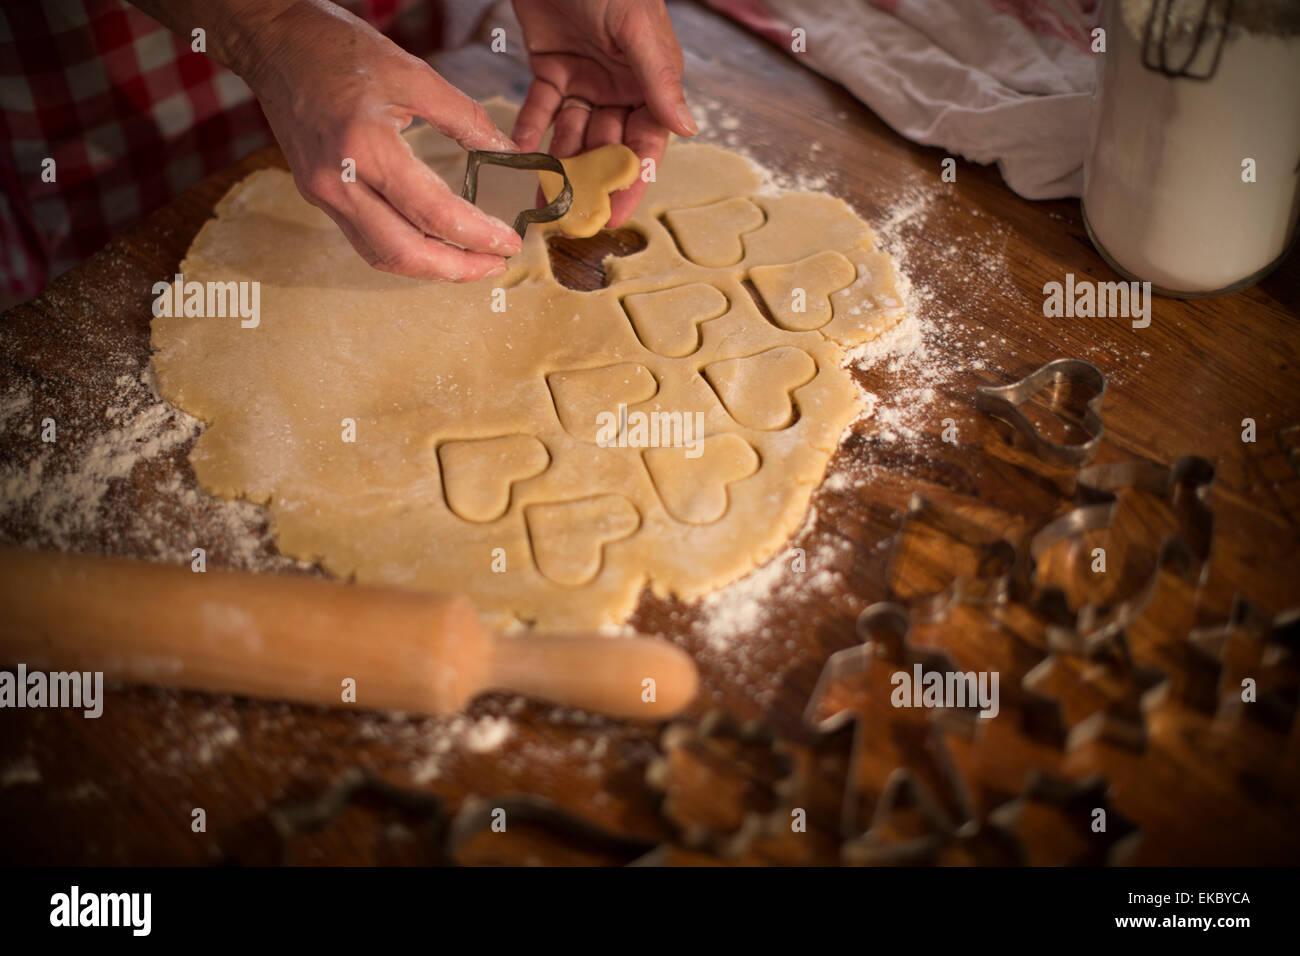 Schnittformen im Teig, hausgemachte Kekse zu machen Stockbild